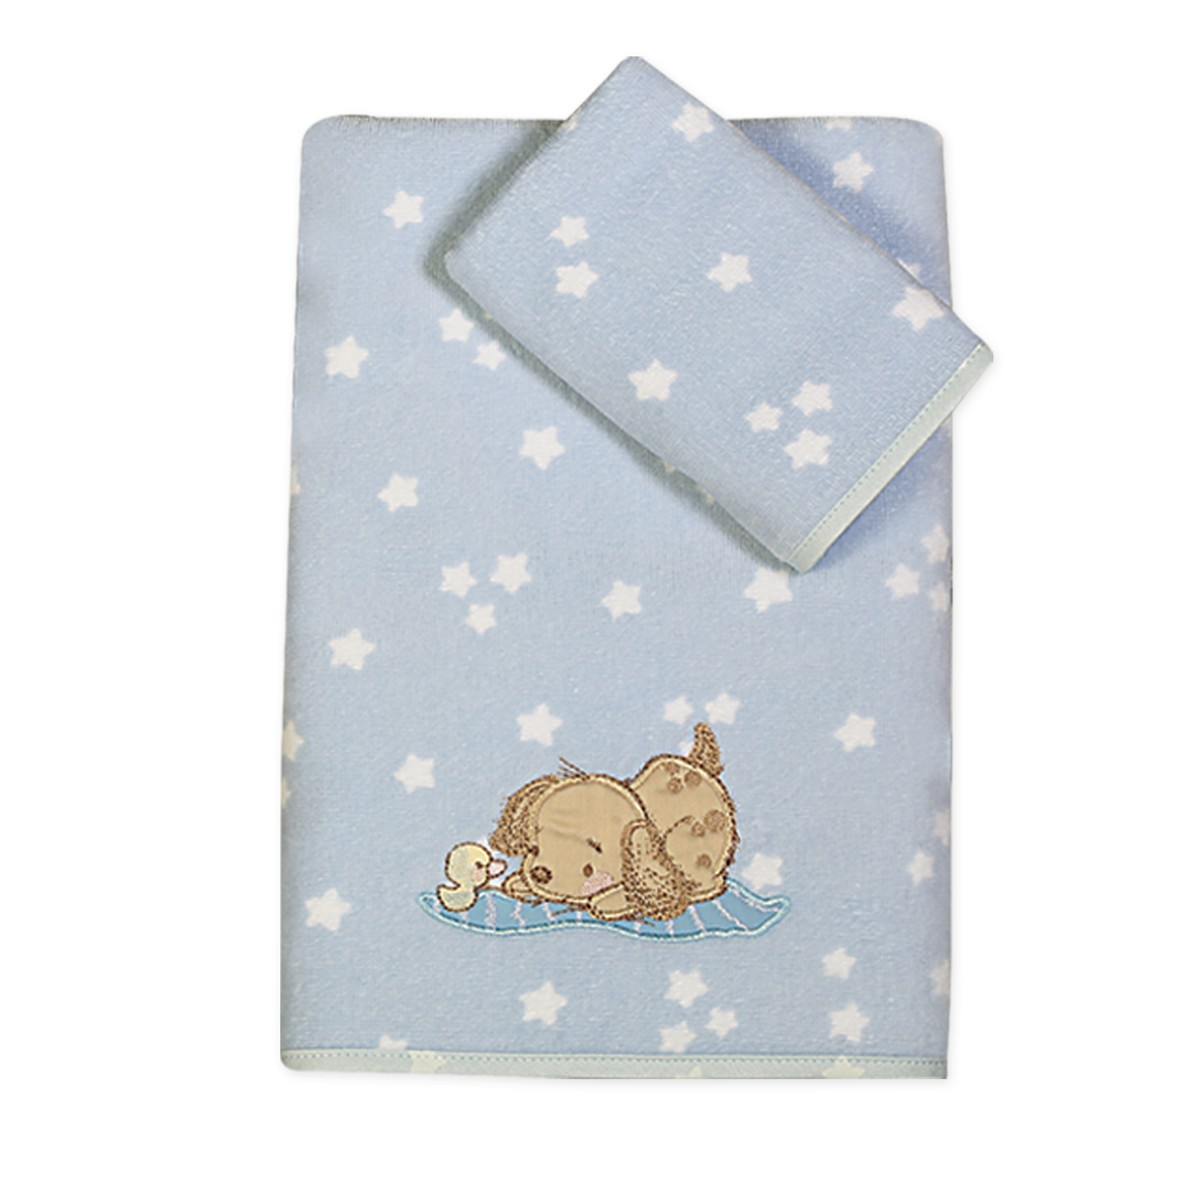 Βρεφικές Πετσέτες (Σετ 2τμχ) Nef-Nef Baby Lovely Day